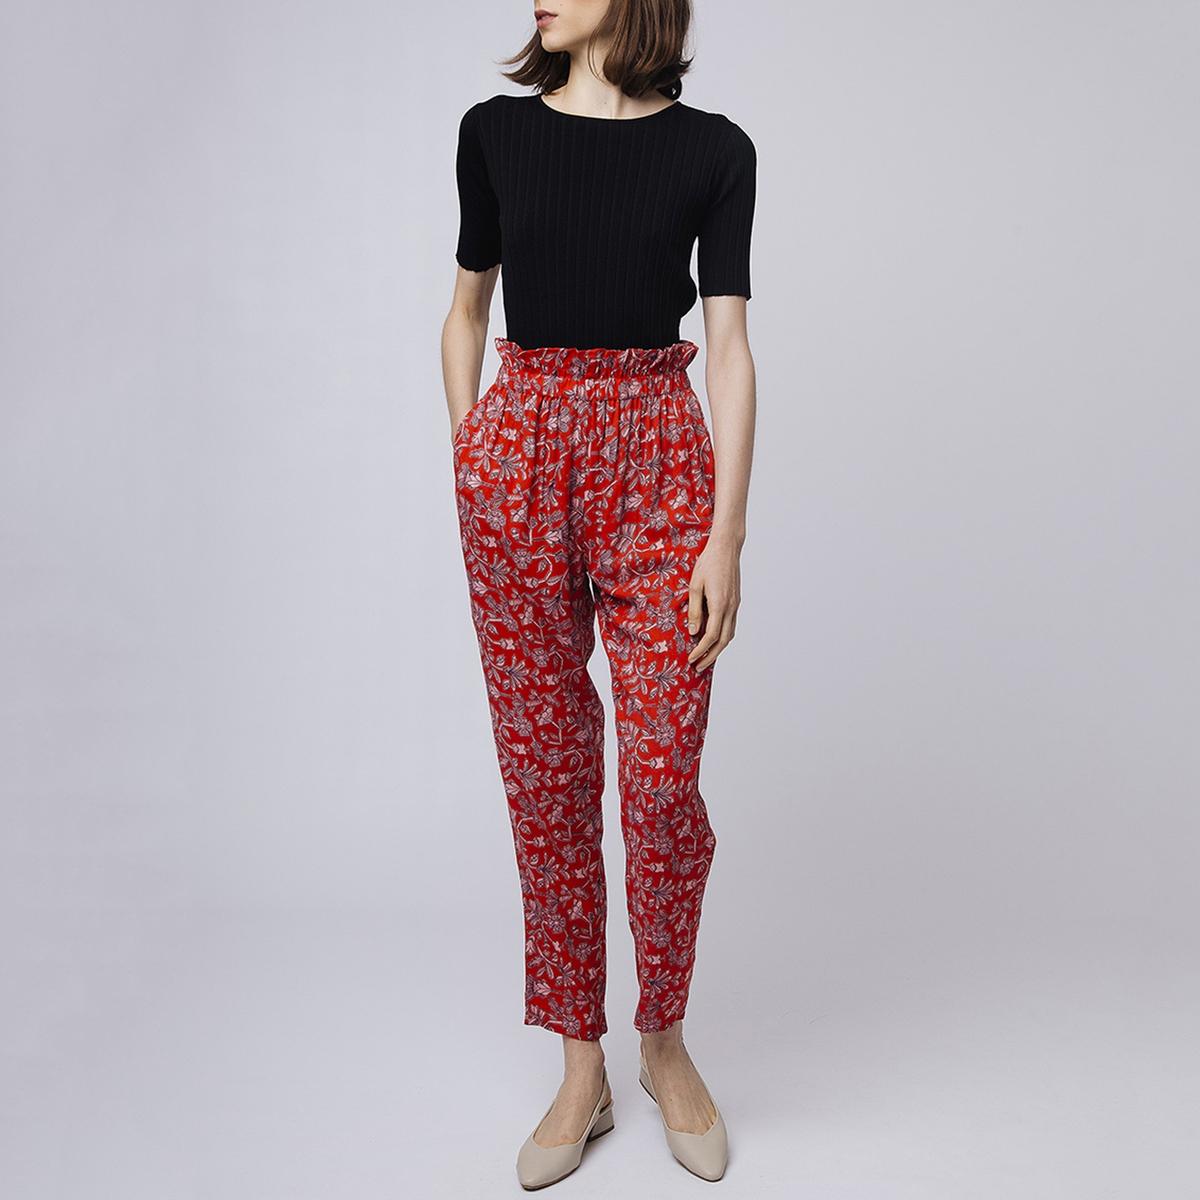 Брюки La Redoute Широкие с завышенной талией и стилизованным рисунком M красный юбка la redoute короткая с завышенной талией и цветочным рисунком xs зеленый